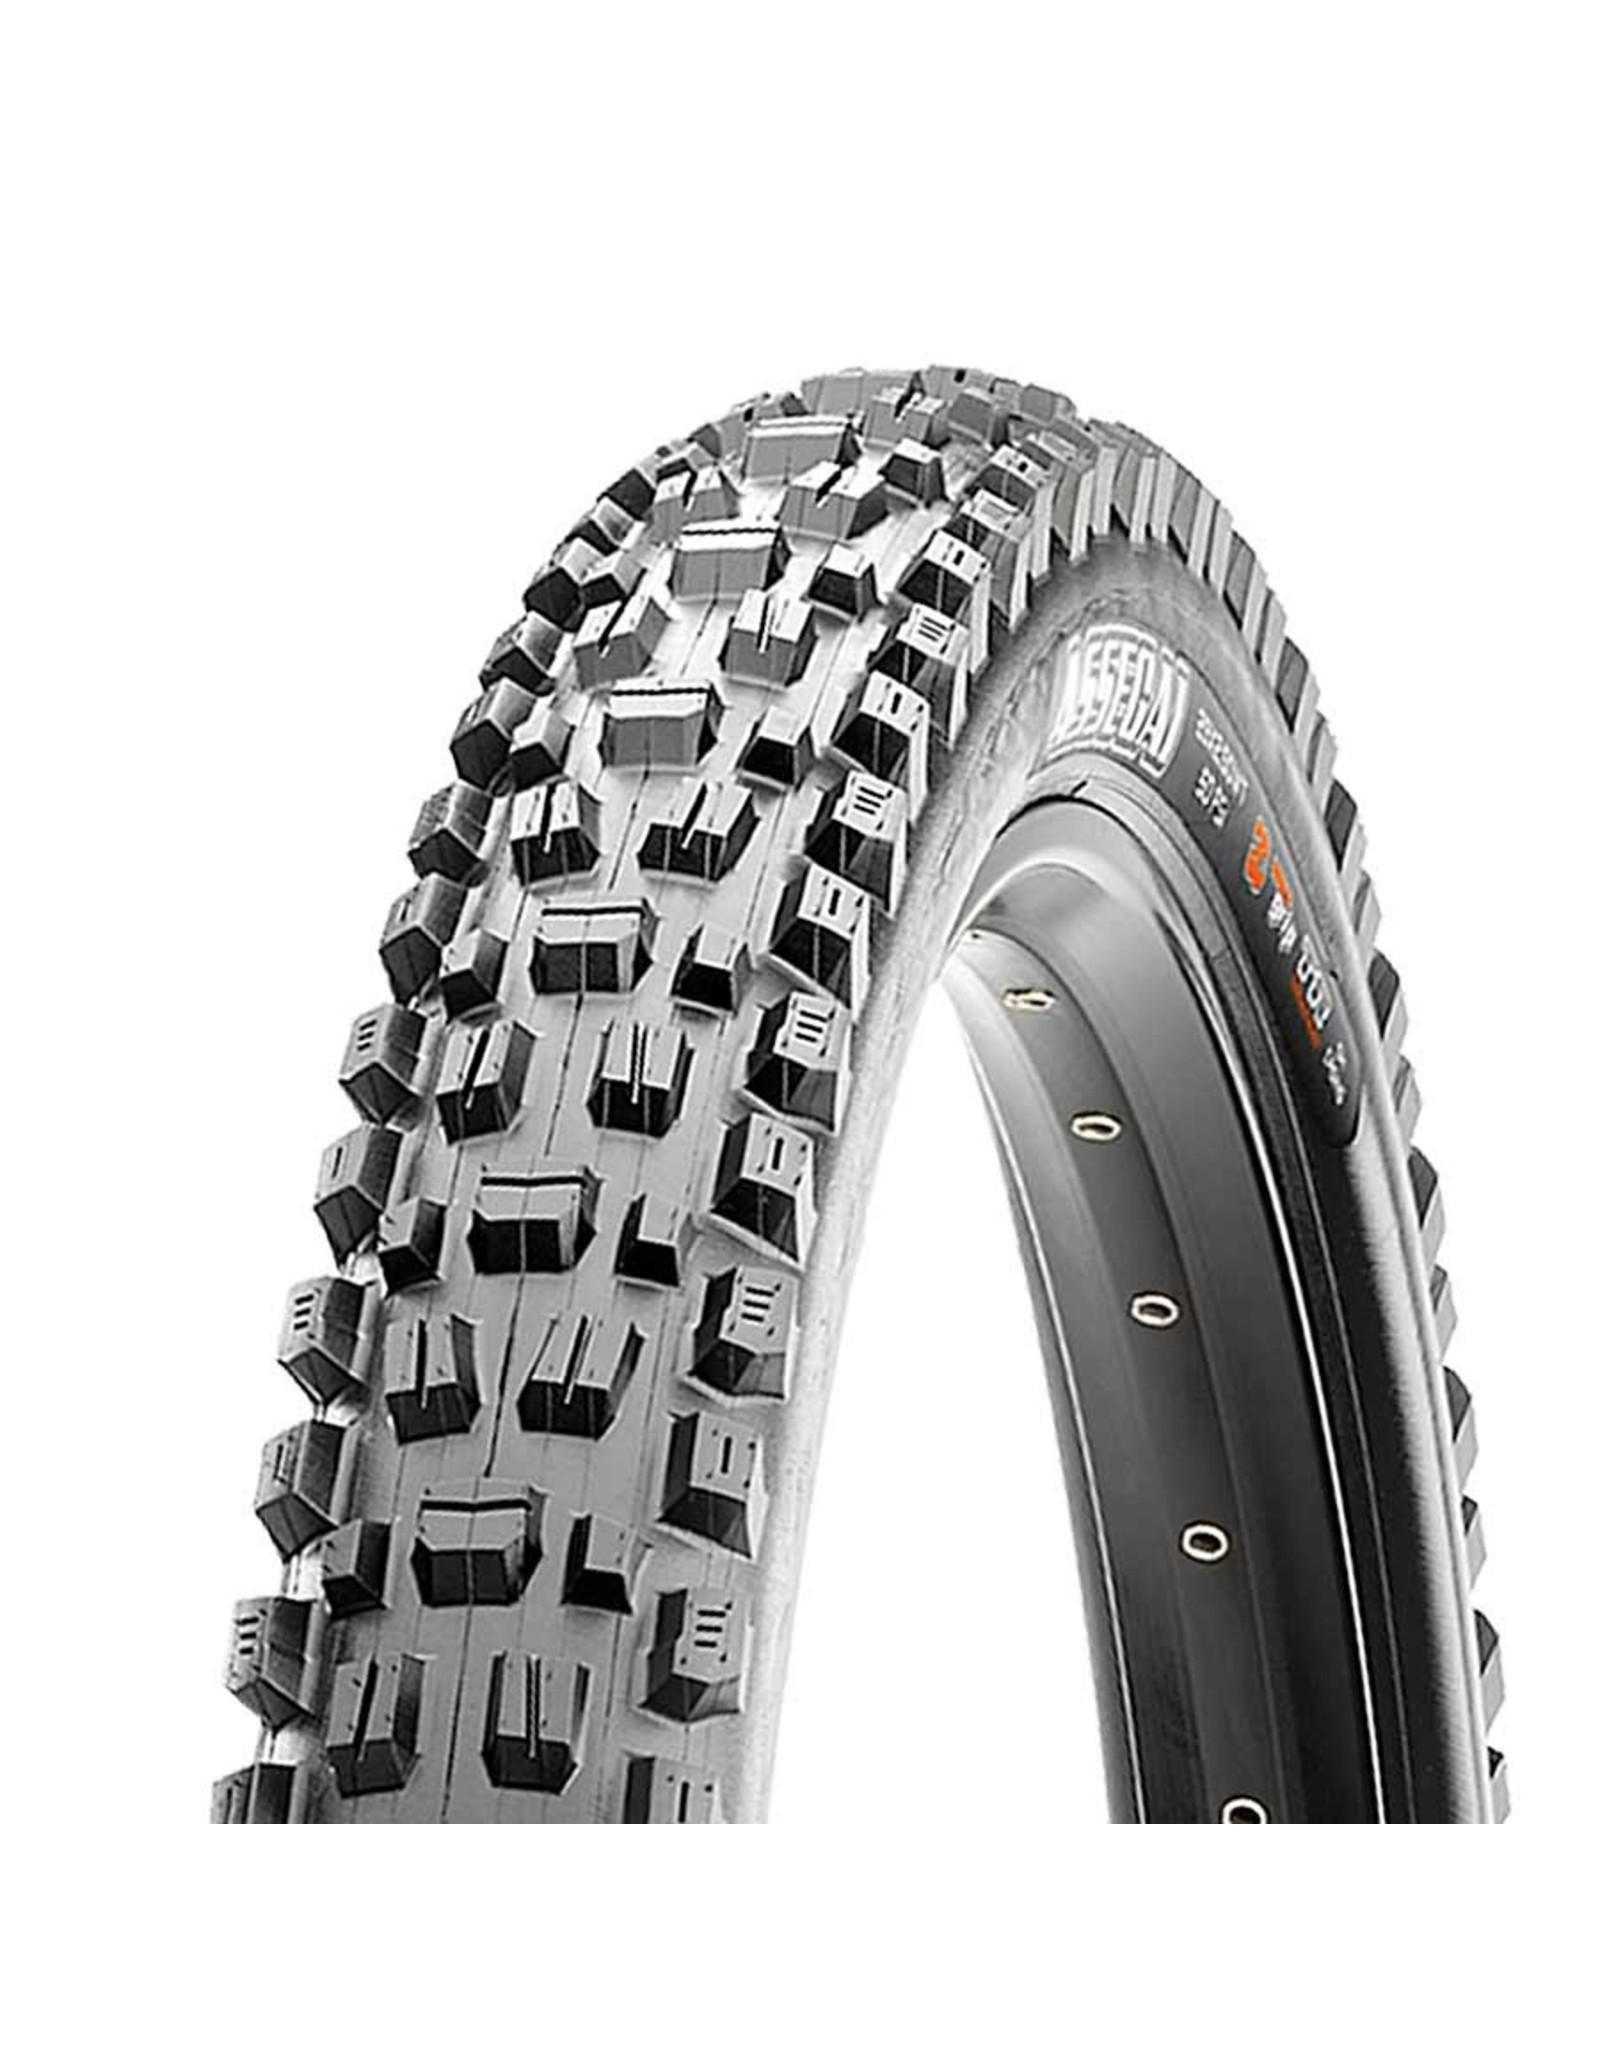 Maxxis Maxxis, Assegai, Tire, 27.5''x2.50, Folding, Tubeless Ready, 3C Maxx Grip, 2-ply, Wide Trail, 60TPI, Black